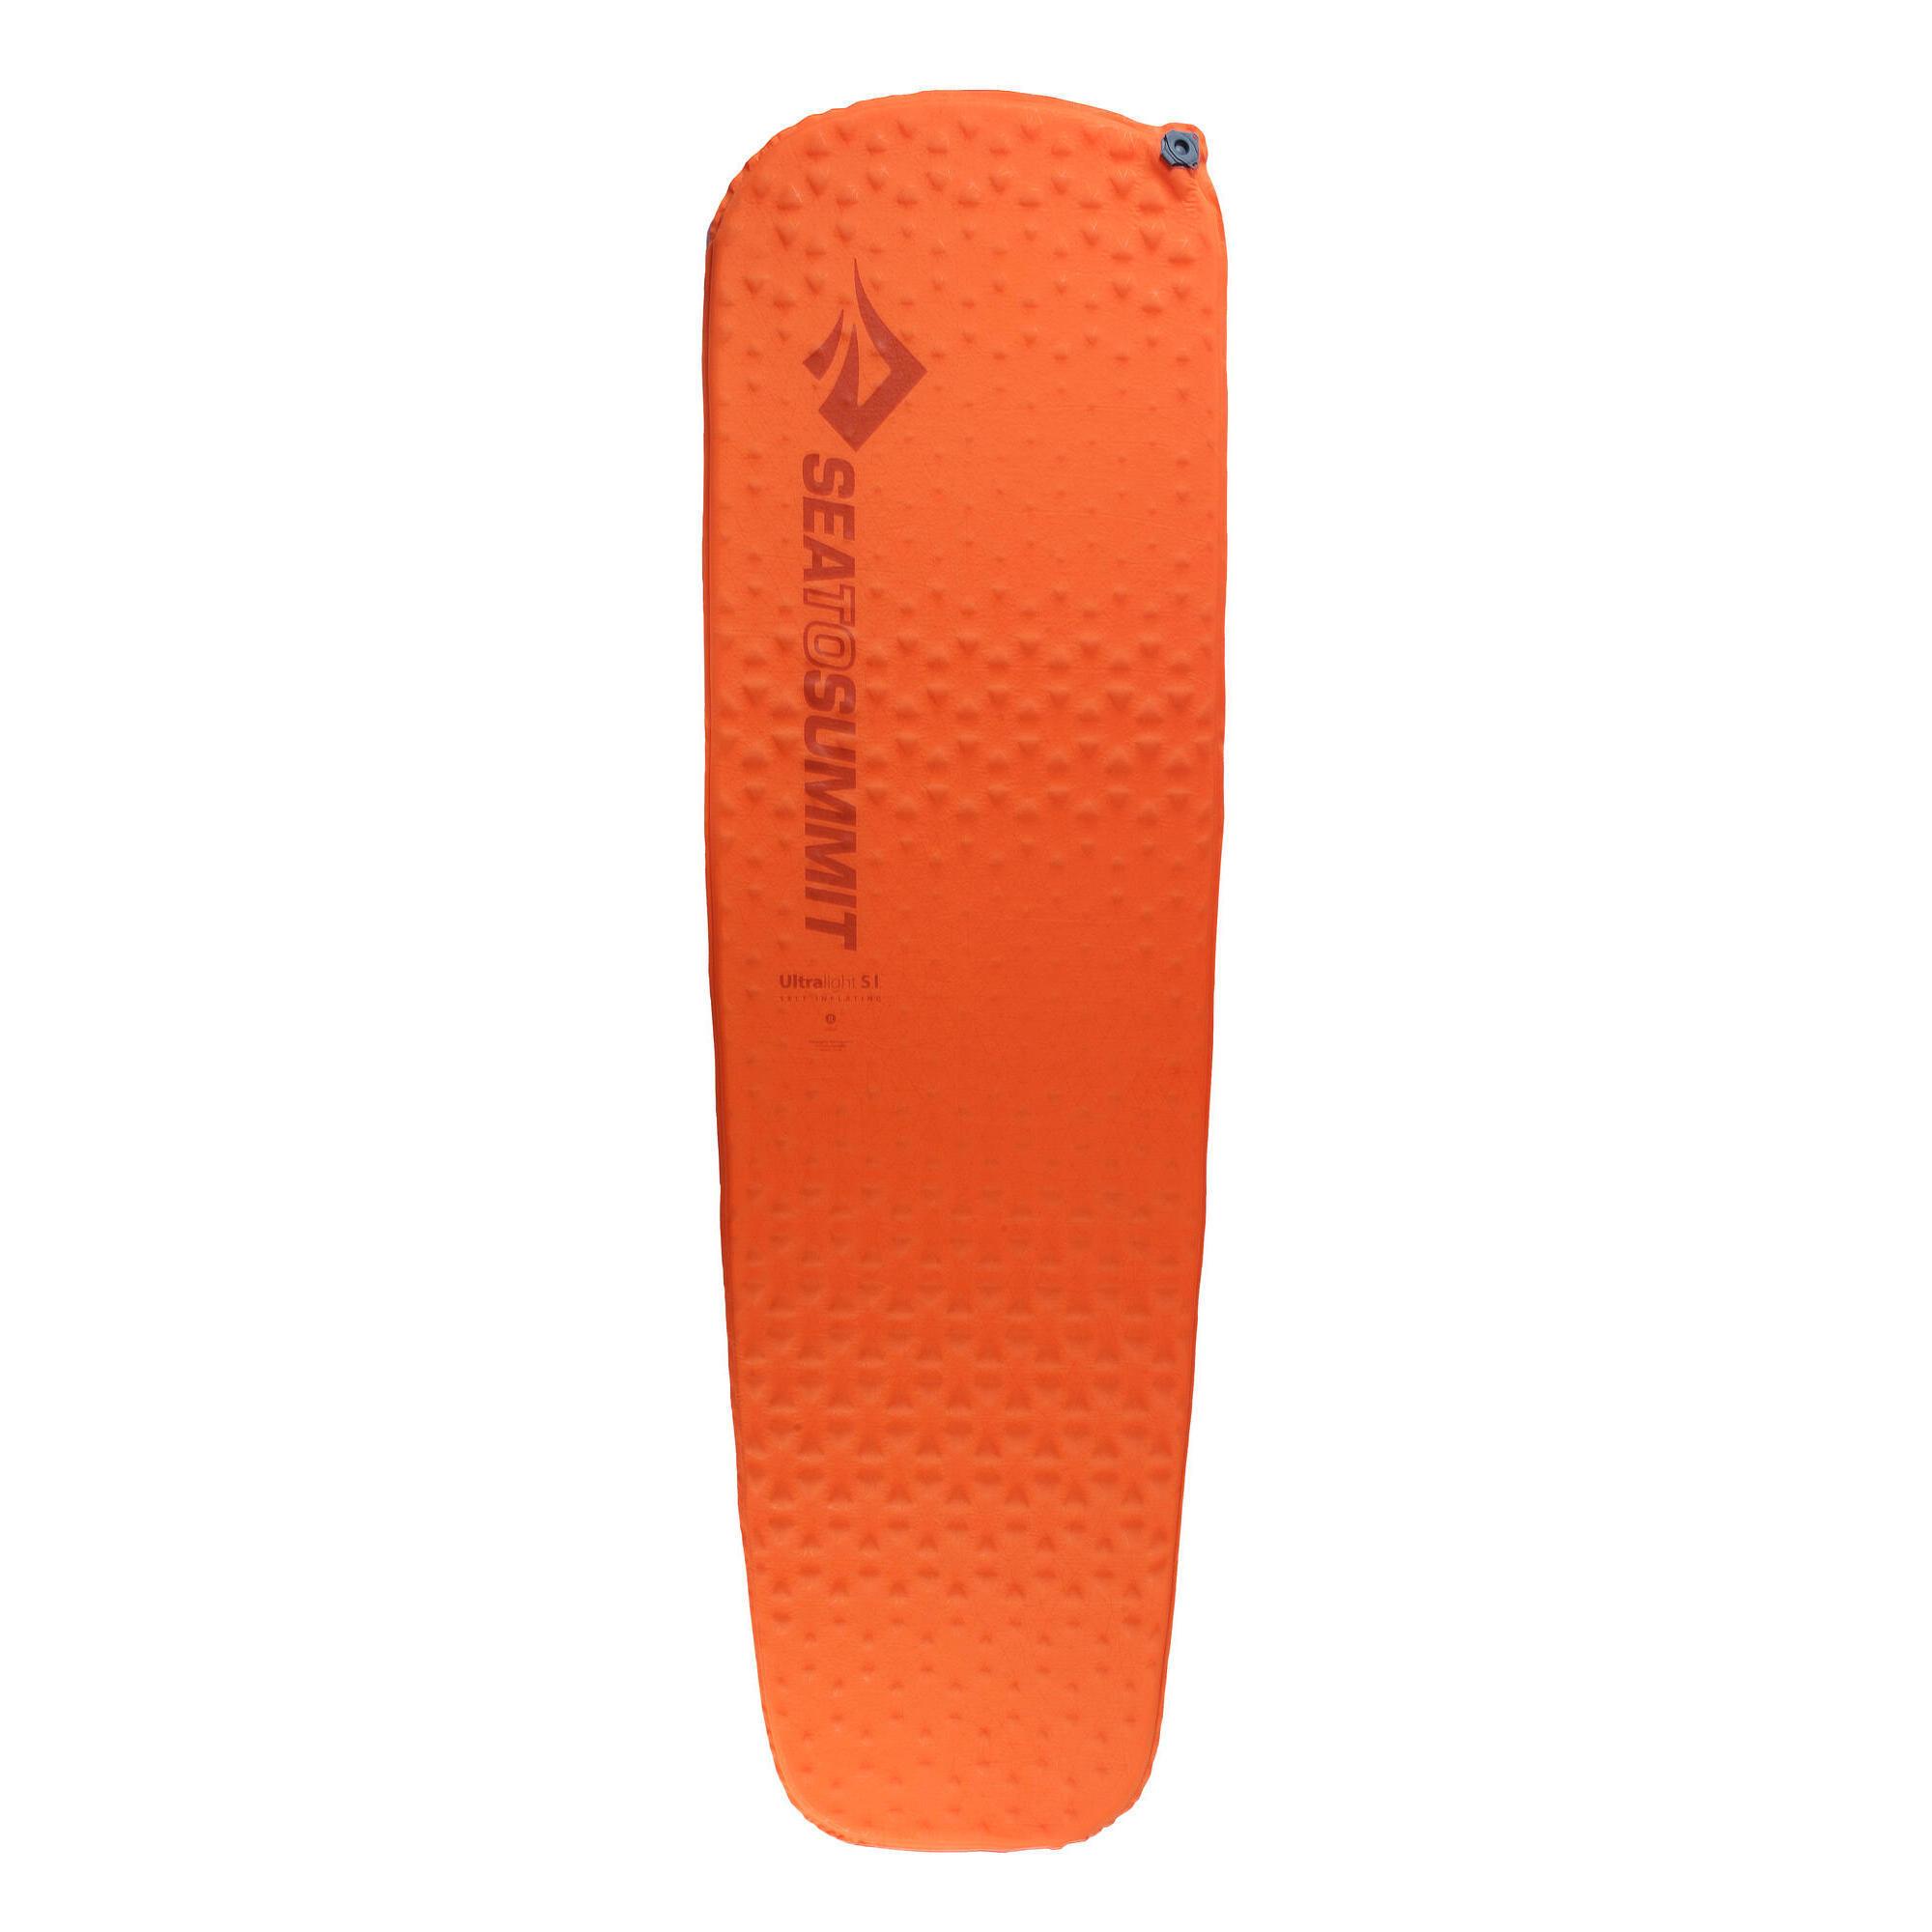 Sea to summit Zelfopblazend slaapmatje voor trekking Ultralight S.I. oranje kopen